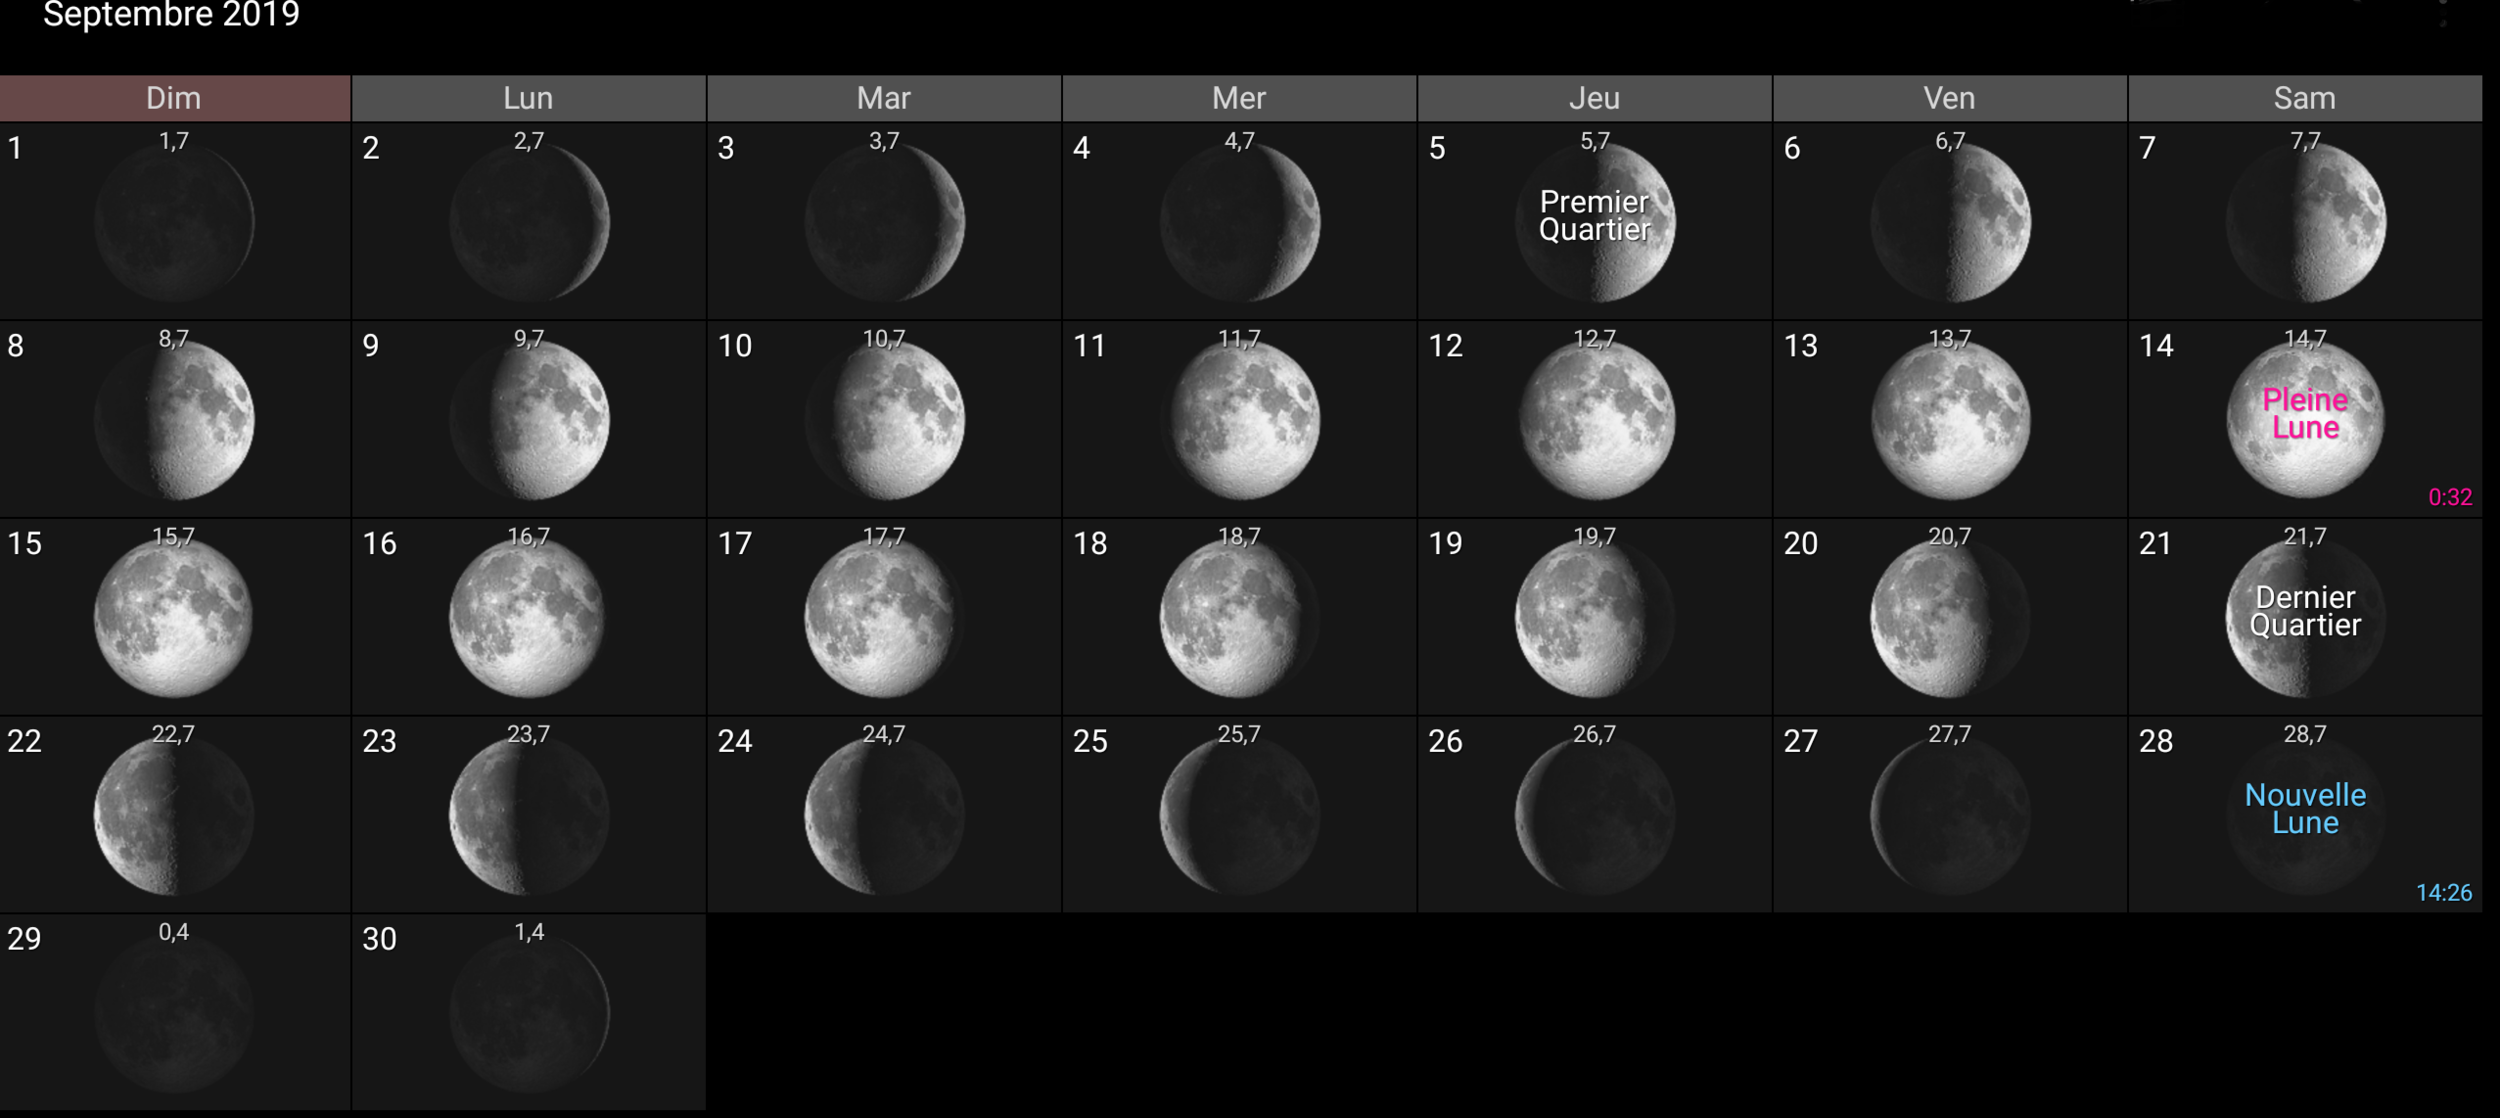 Les phases de la Lune pour le mois de septembre 2019